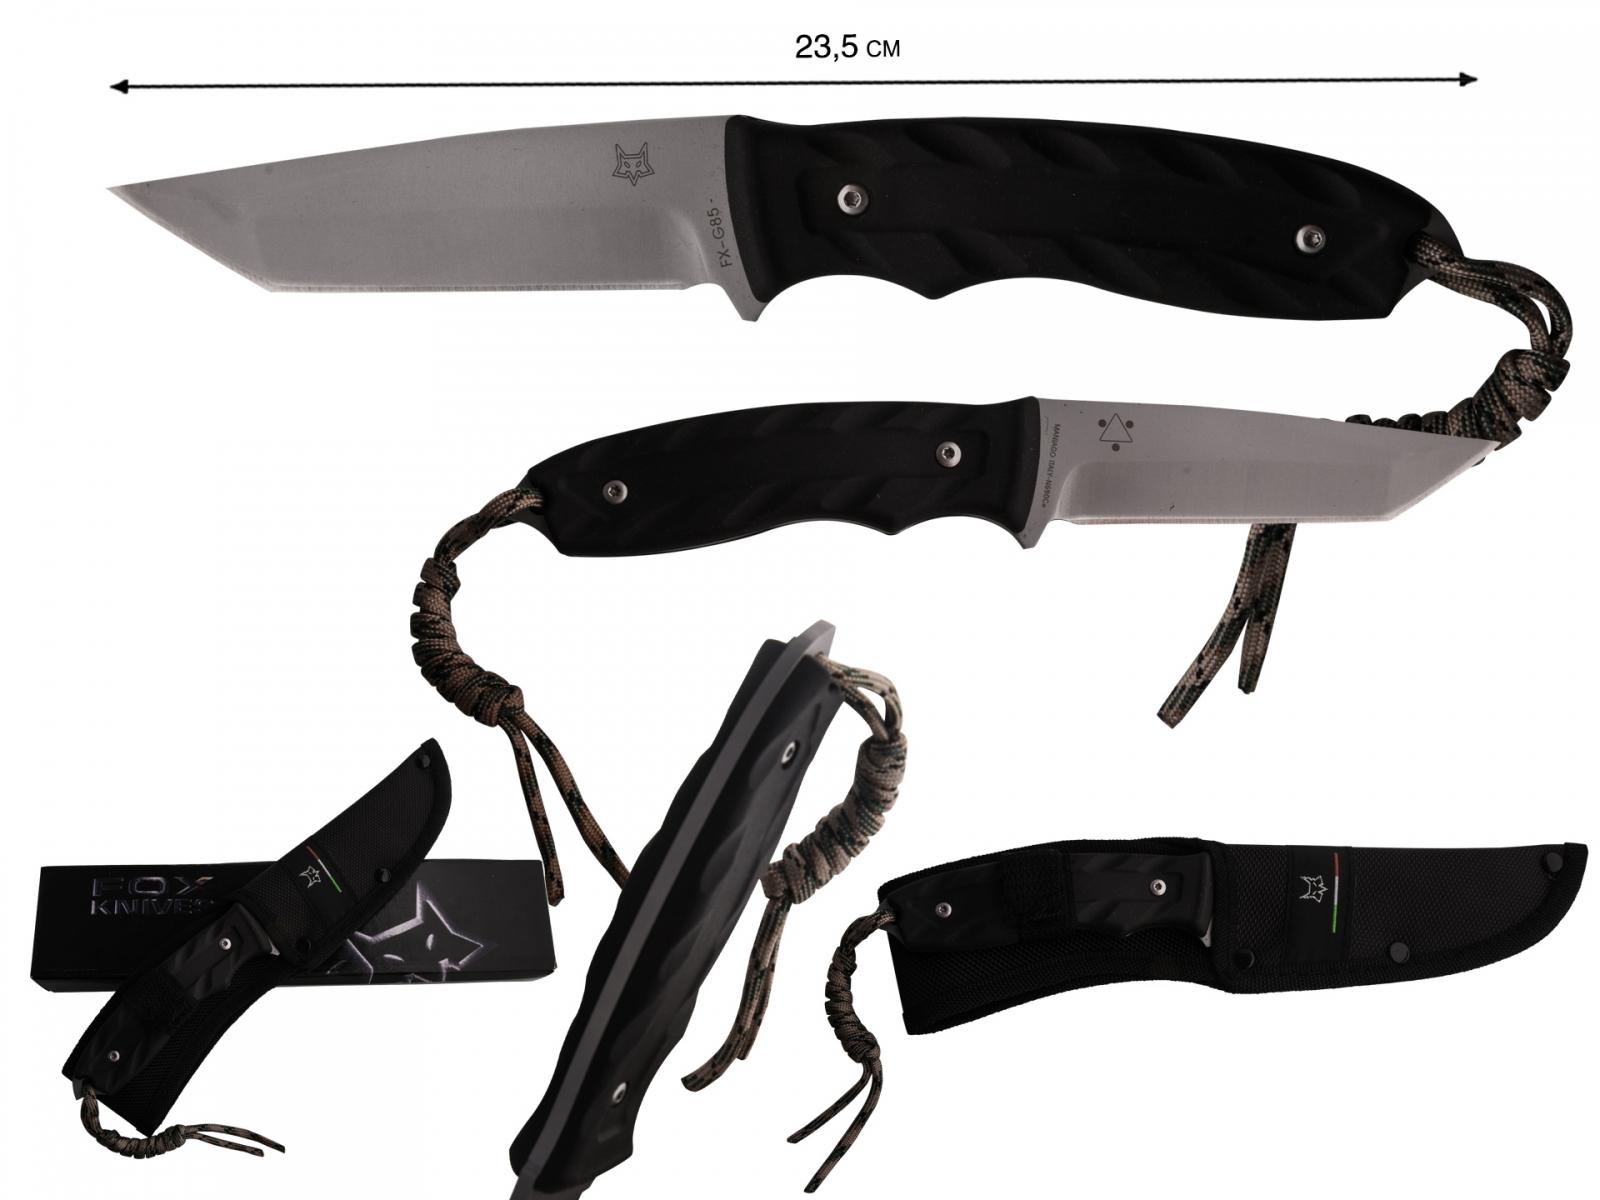 Купить нож Fox Fx-G85 в интернет-магазине с доставкой